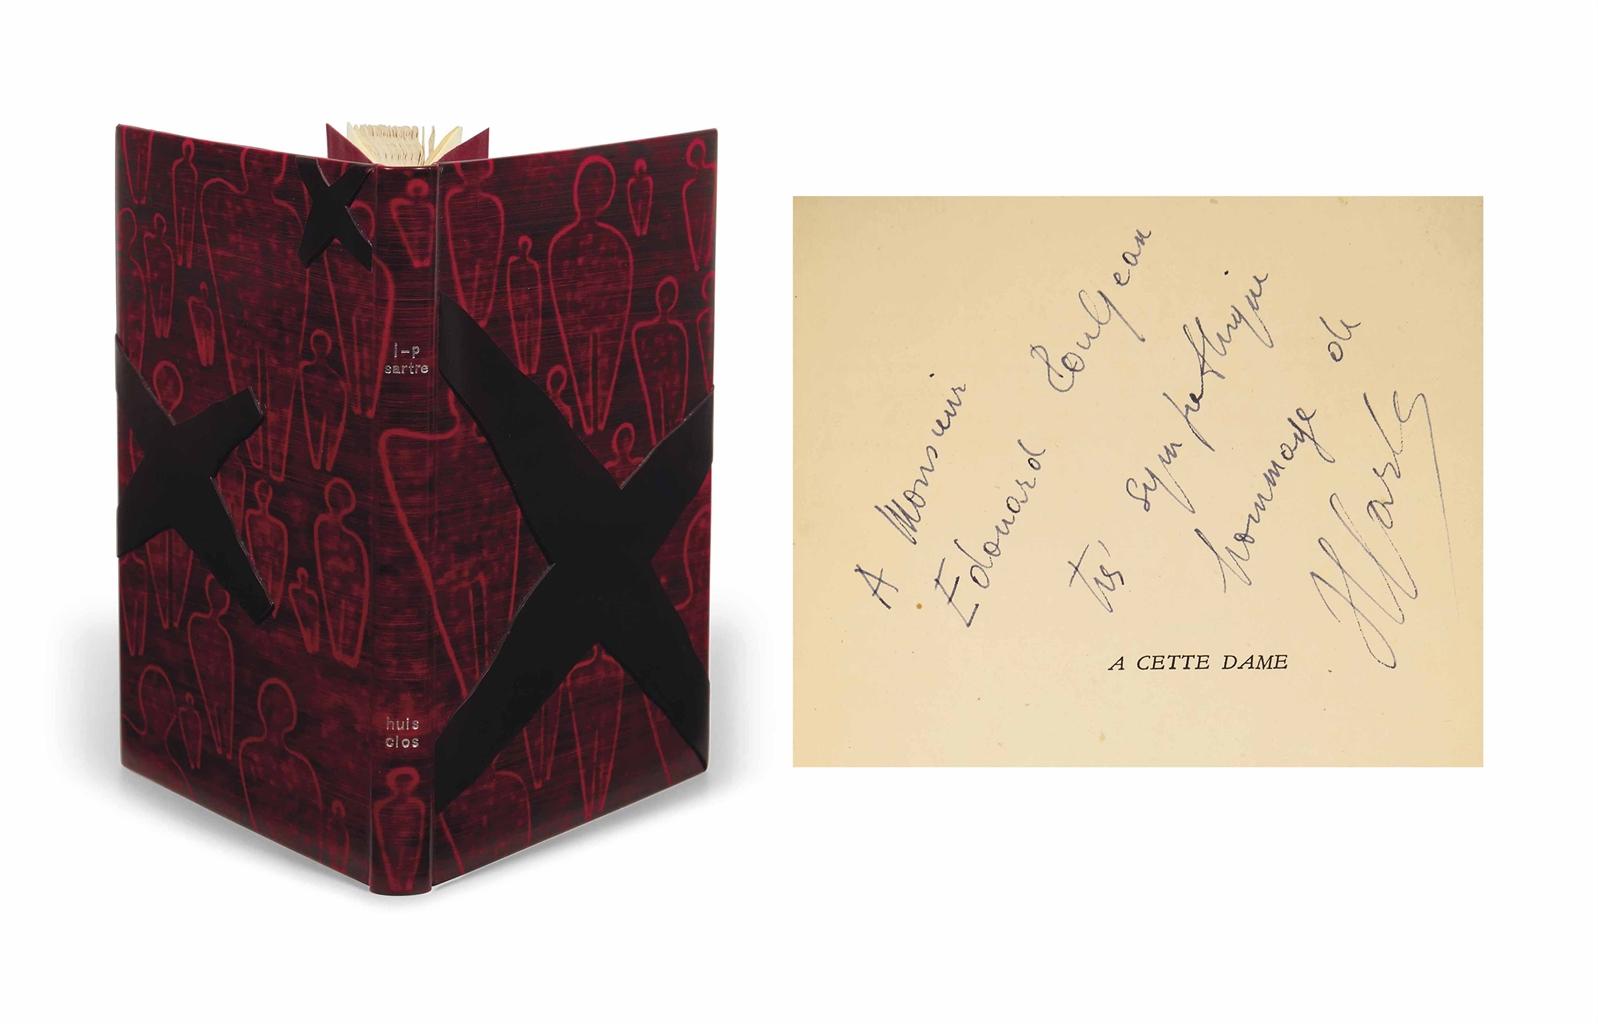 Jean-Paul SARTRE (1905-1980). Huis-clos. Paris: NR, 1945. In-12 (182 x 115 mm). Reliure signée de F. Brindeau et datée 2004, box teinté de rouge, plats ornés de silhouettes traversées, sur le plat supérieur d'une découpe irrégulière formant une croix, et de deux plus petites sur le plat inférieur, doublure de même box teinté, gardes de suédine rouge, emboîtage.